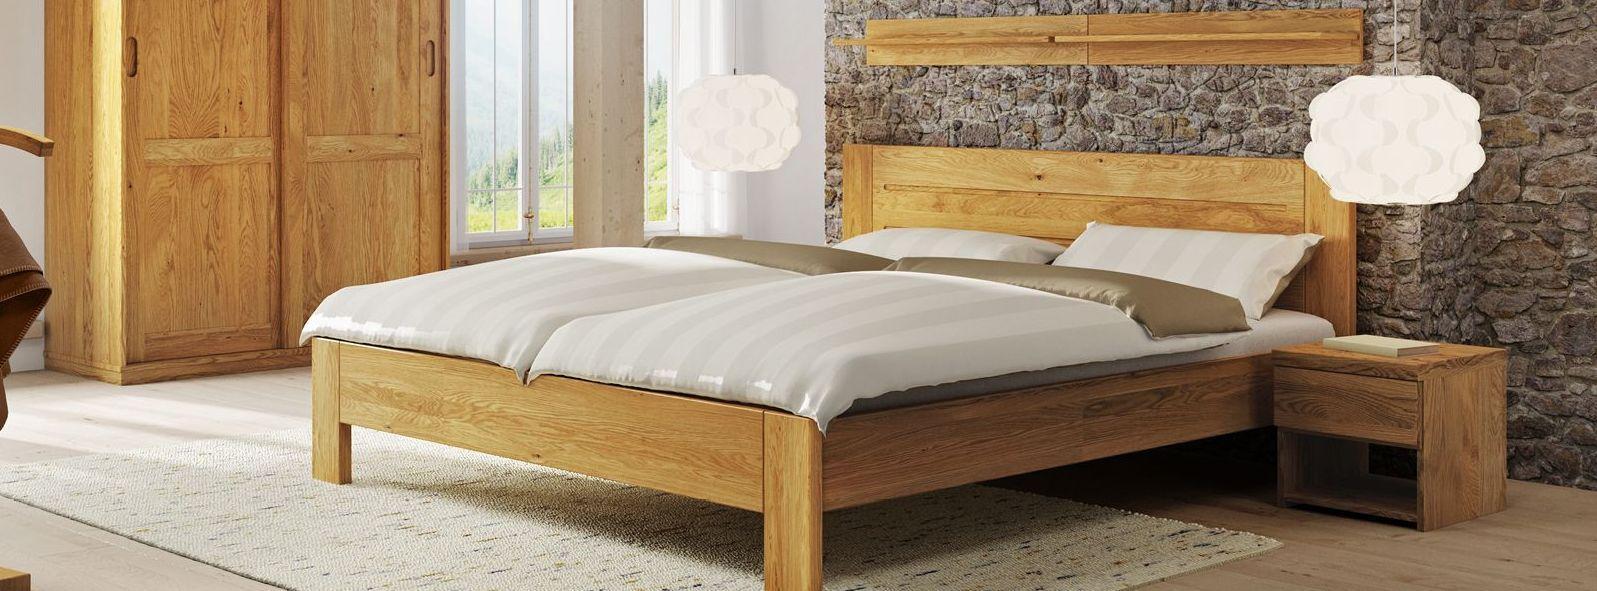 Möbel Aus Holzbalken